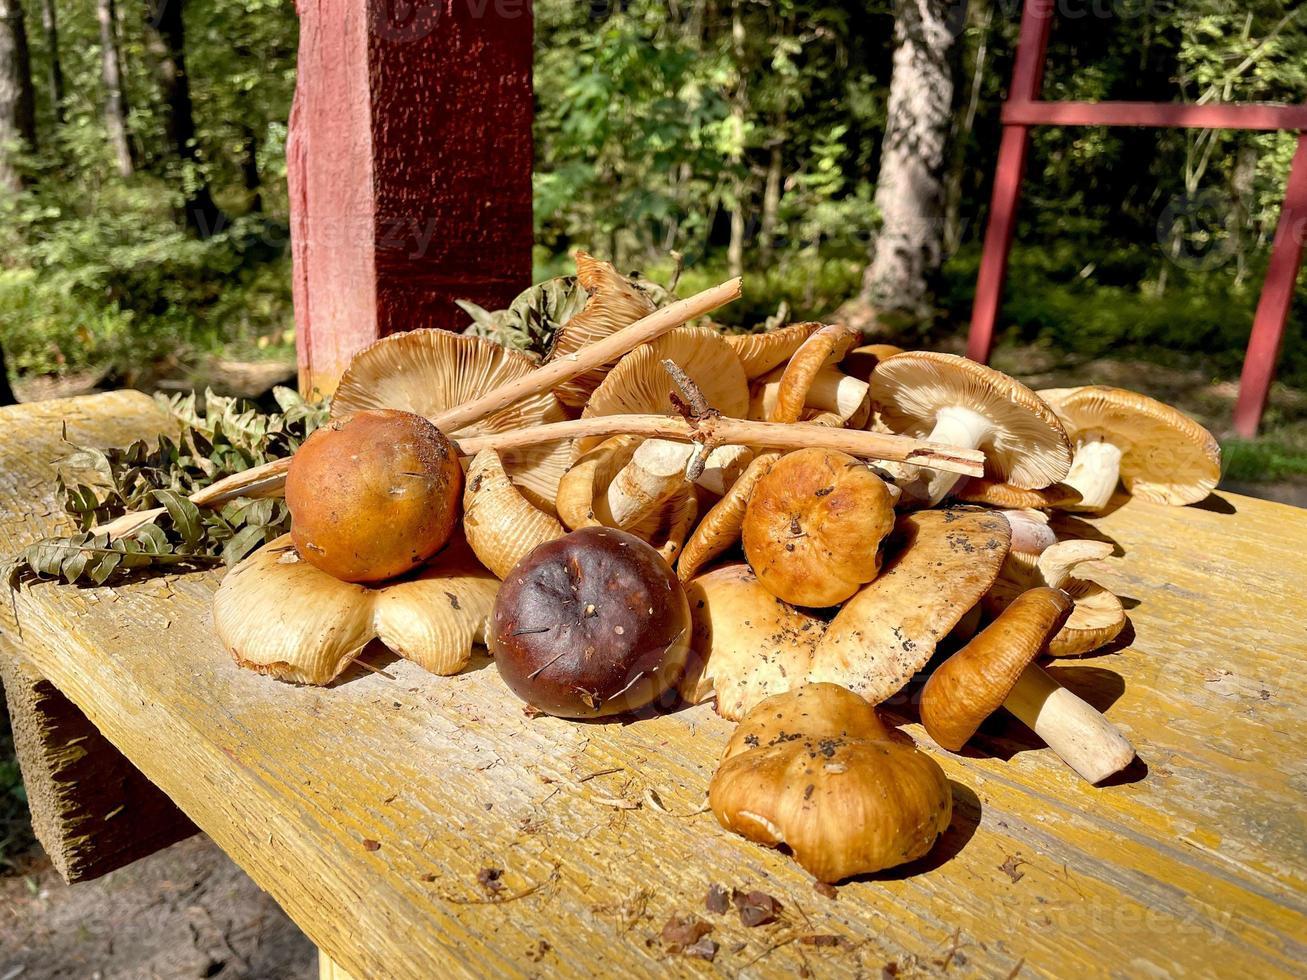 une dispersion de différents champignons sur une table en bois dans la forêt photo